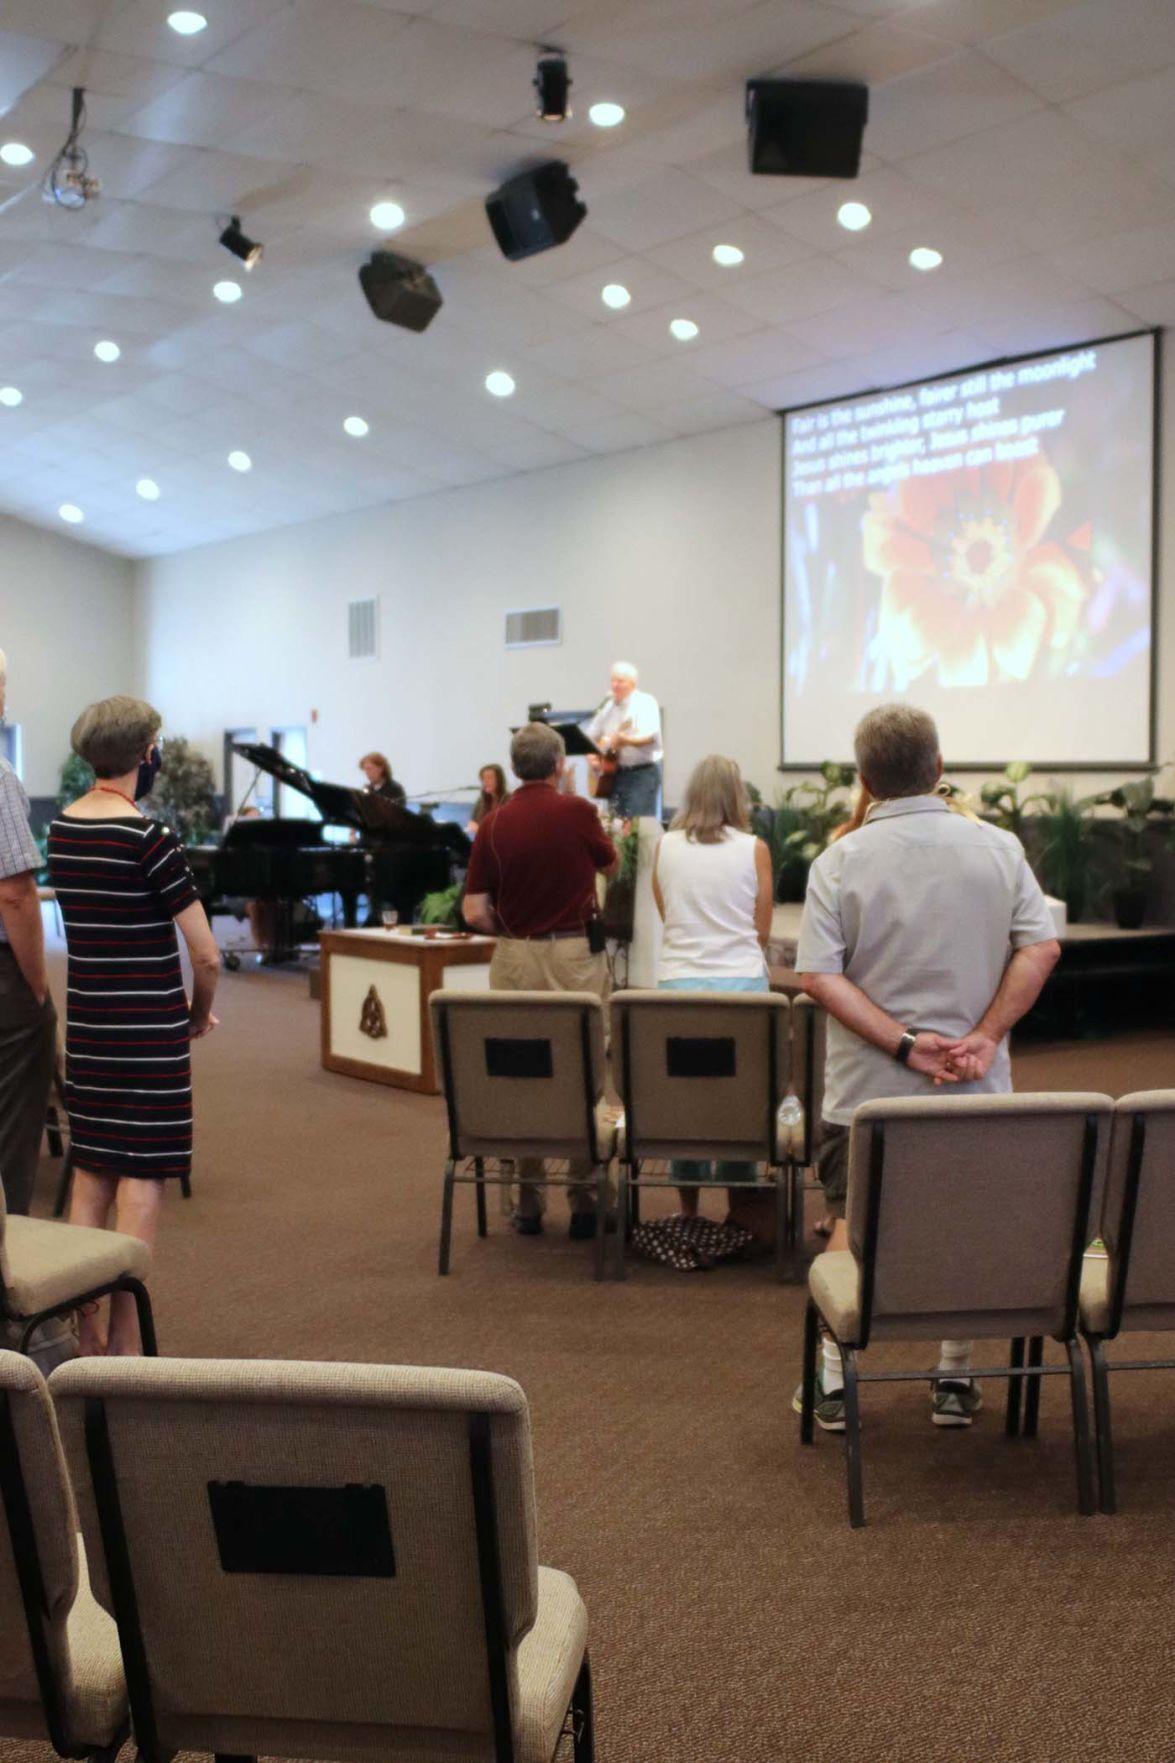 Our Faith COVID-19 preaching